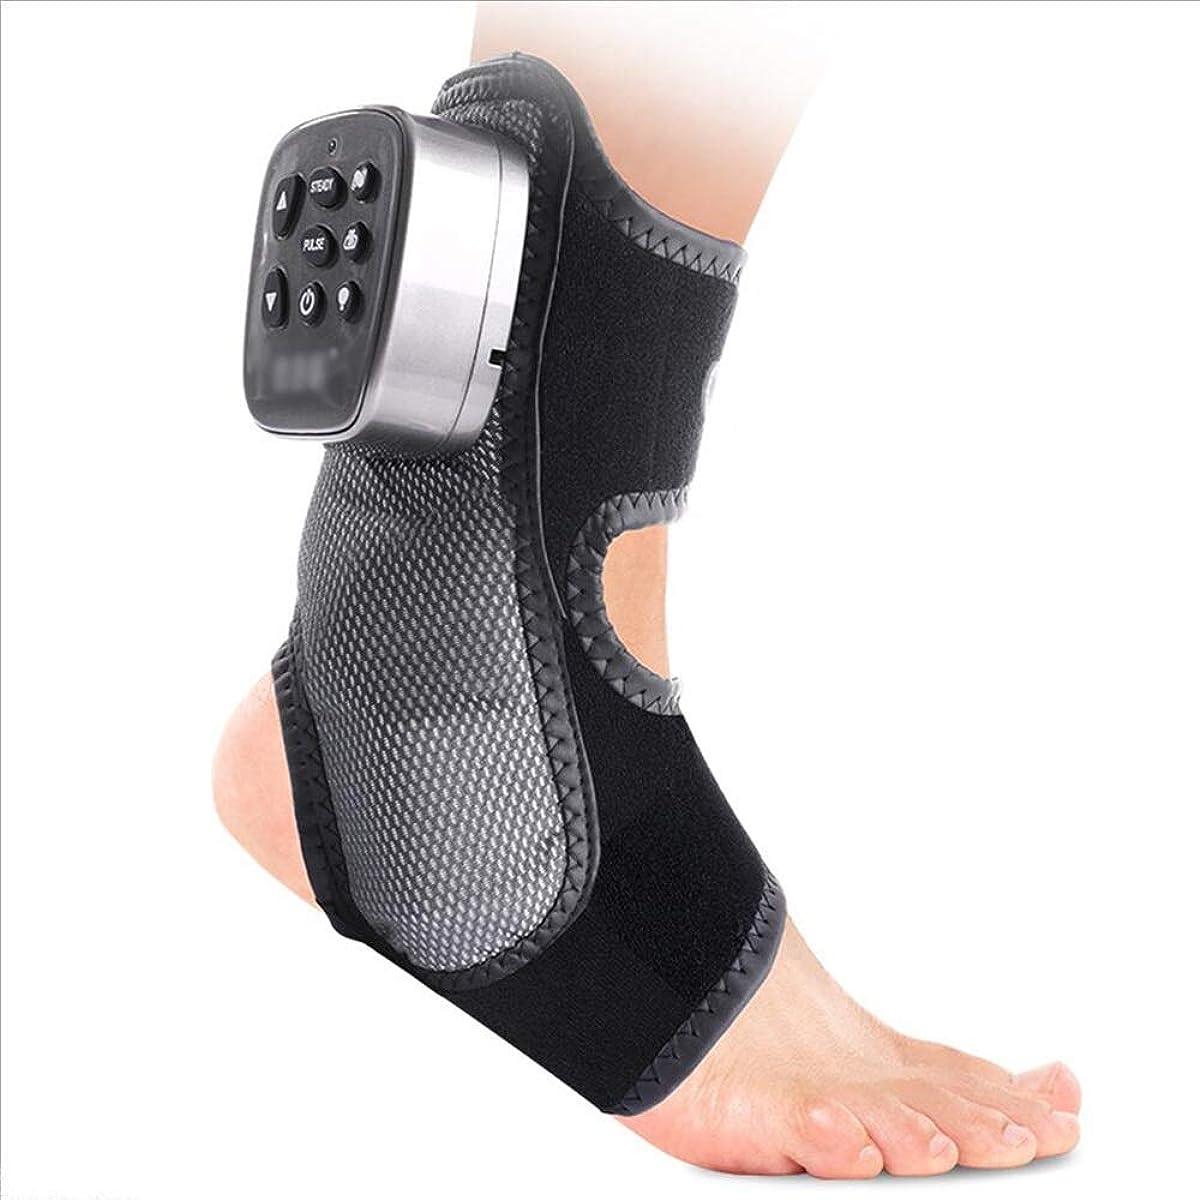 ブラインド従順ひねくれたHAIZHEN マッサージチェア 癒しの救済のためのマッサージャーの足首のサポートアキレス腱の足首の腱のブレースTendonの足底の筋膜炎足のスプリントシルバー